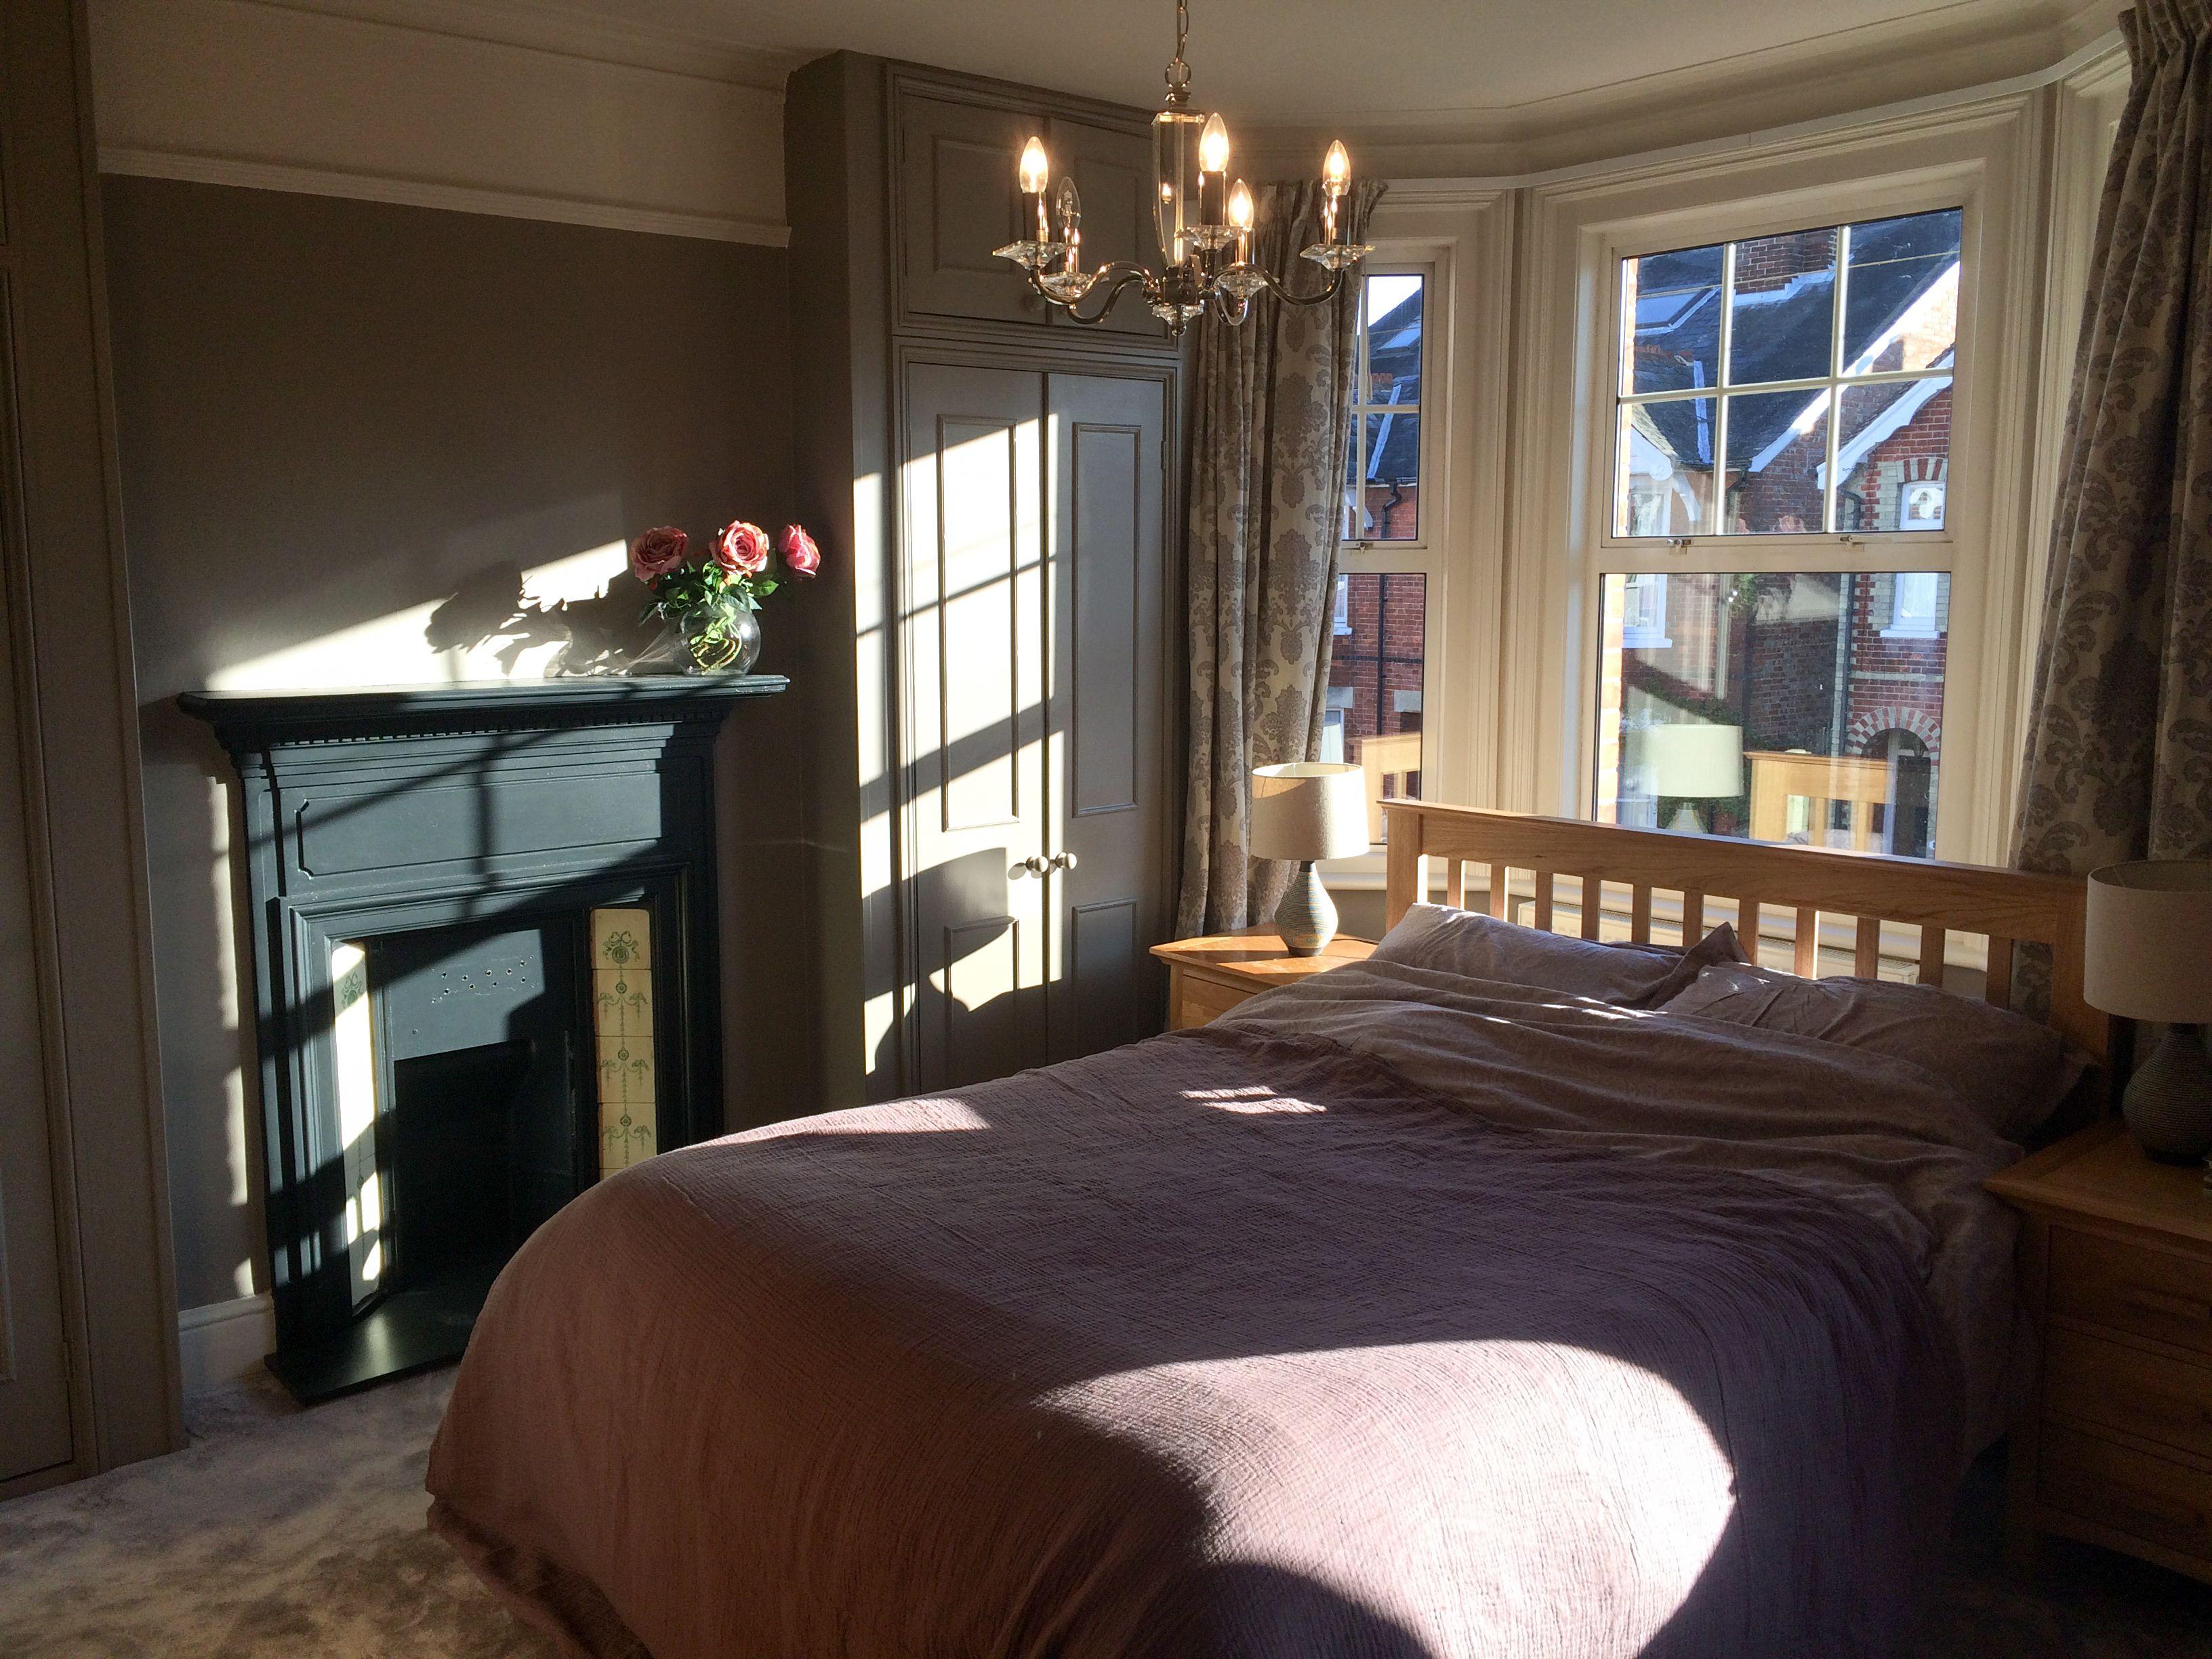 Bedroom walls farrow ball charleston grey farrow and - Farrow and ball decoration ...